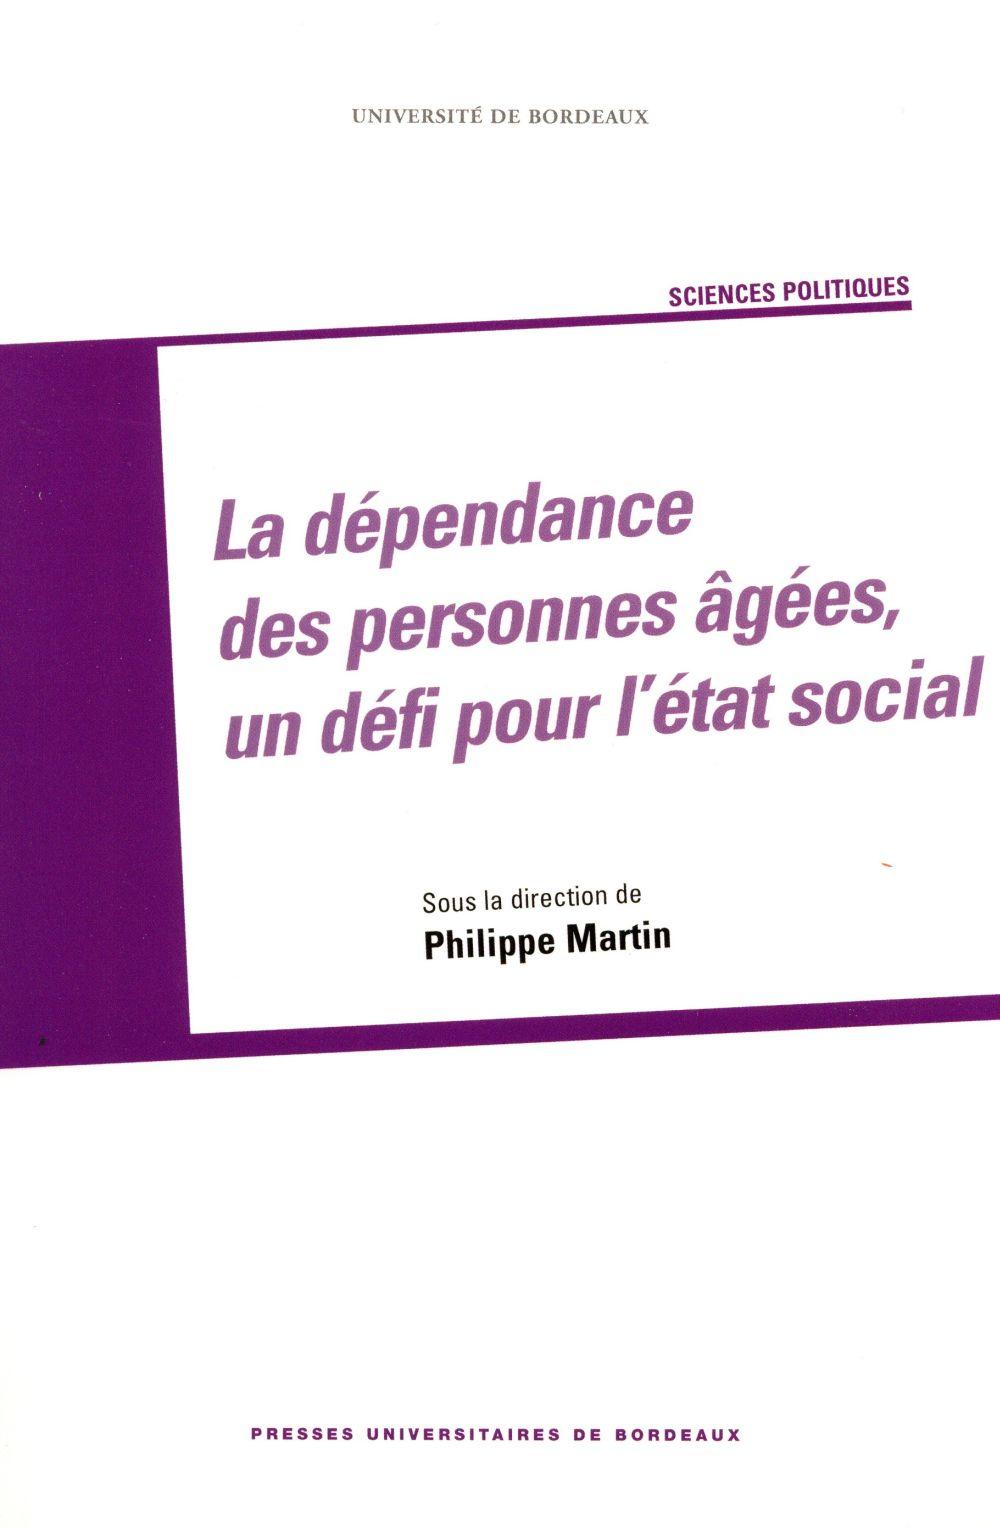 DEPENDANCE DES PERSONNES AGEES UN DEFI POUR LETAT SOCIAL